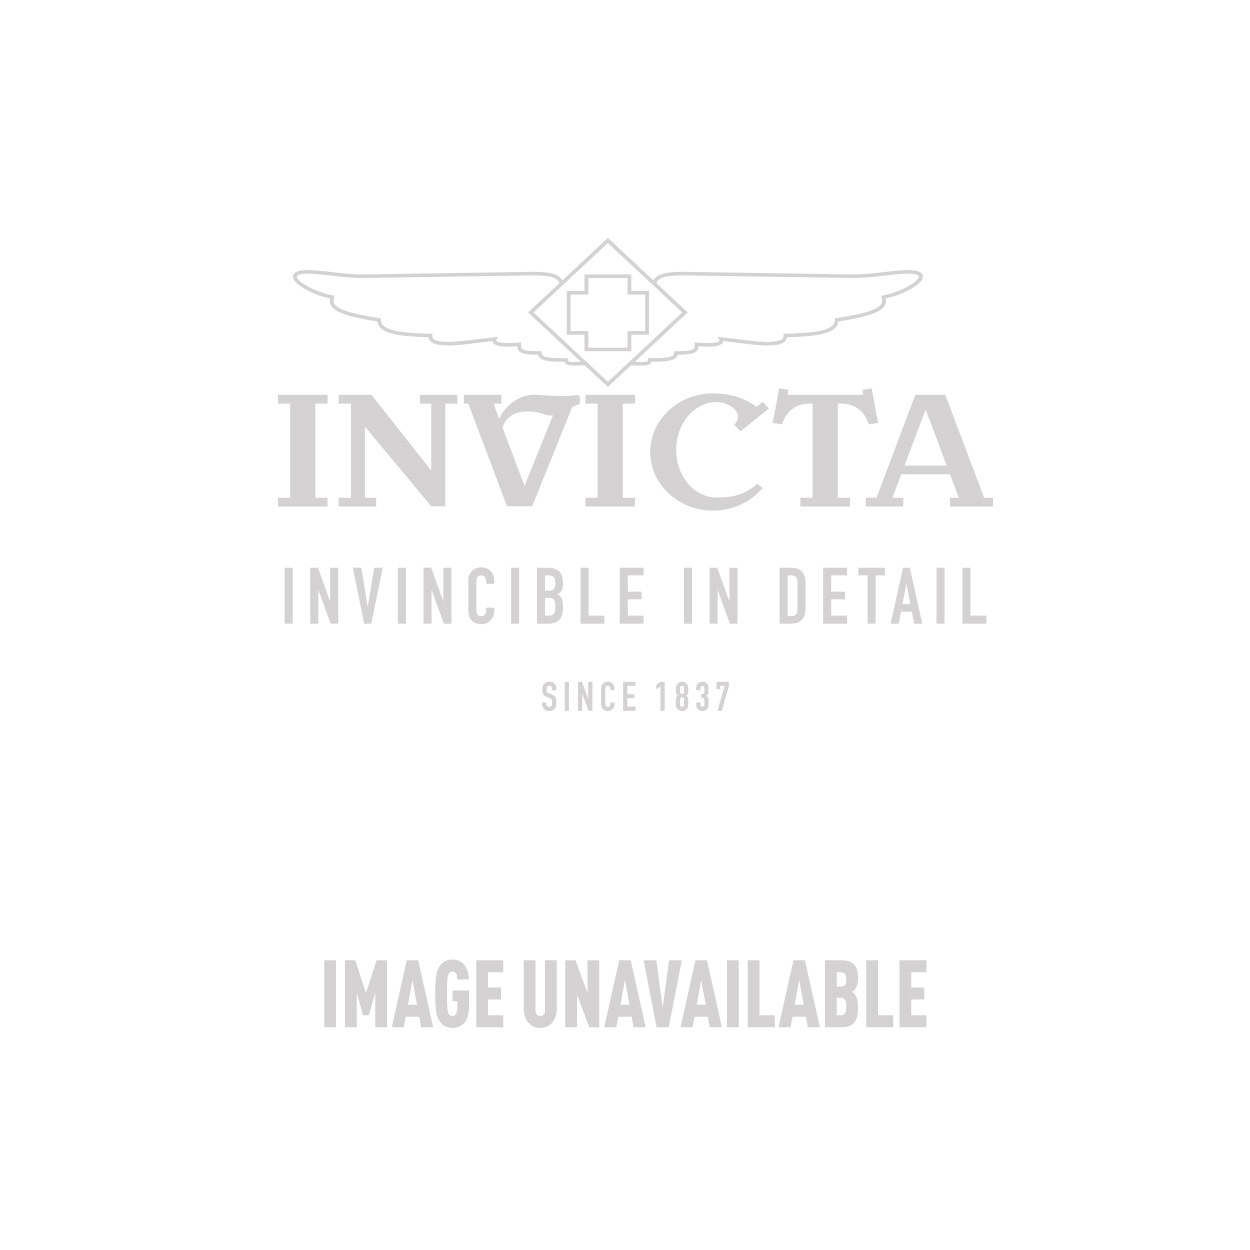 Invicta Model 29490